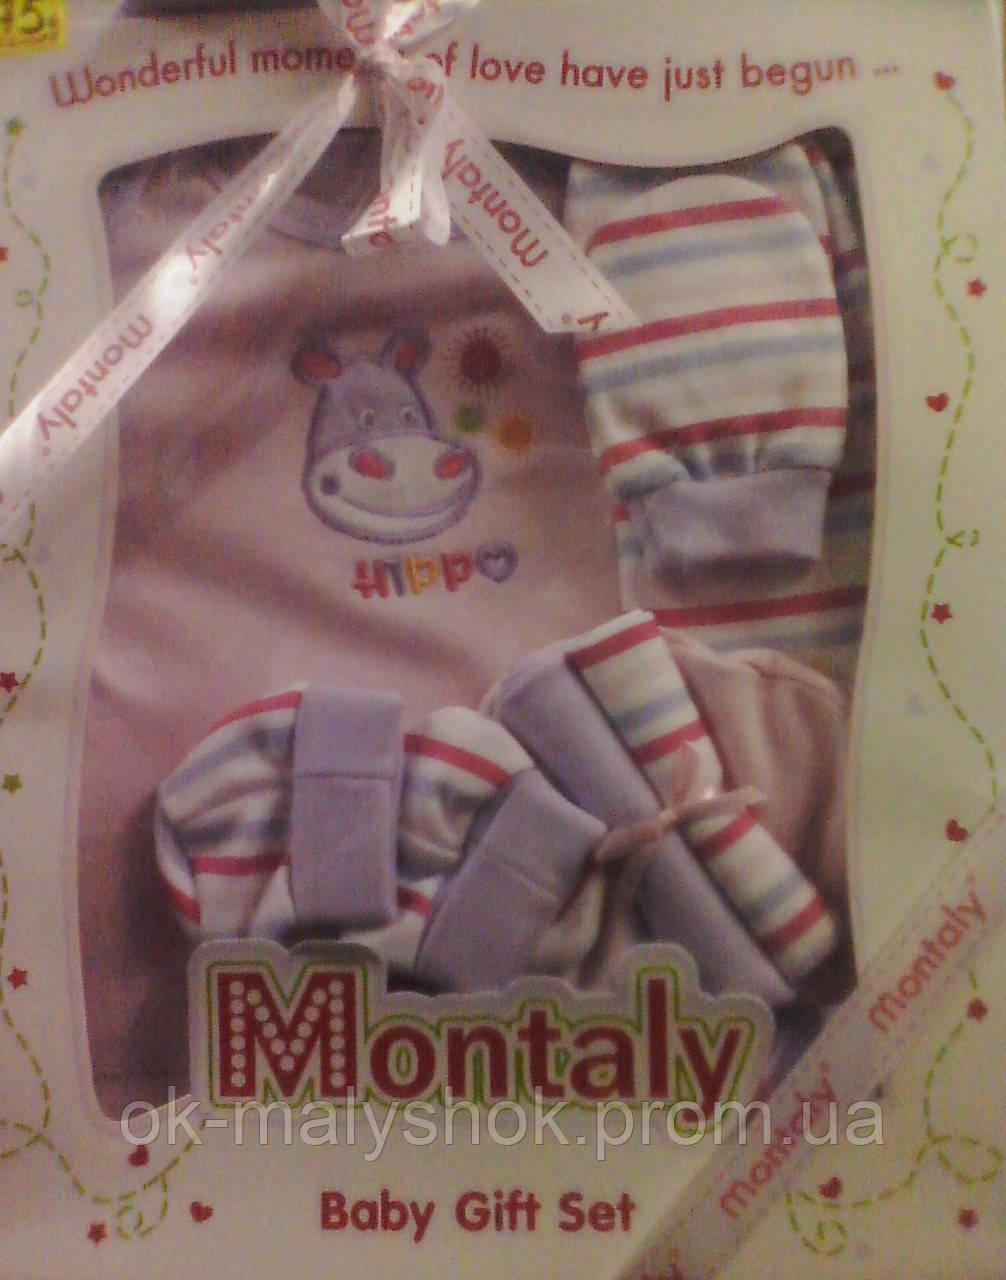 Набор одежды для новорожденных - 7 предметов - ОК МалышОК! магазин детской одежды в Киеве